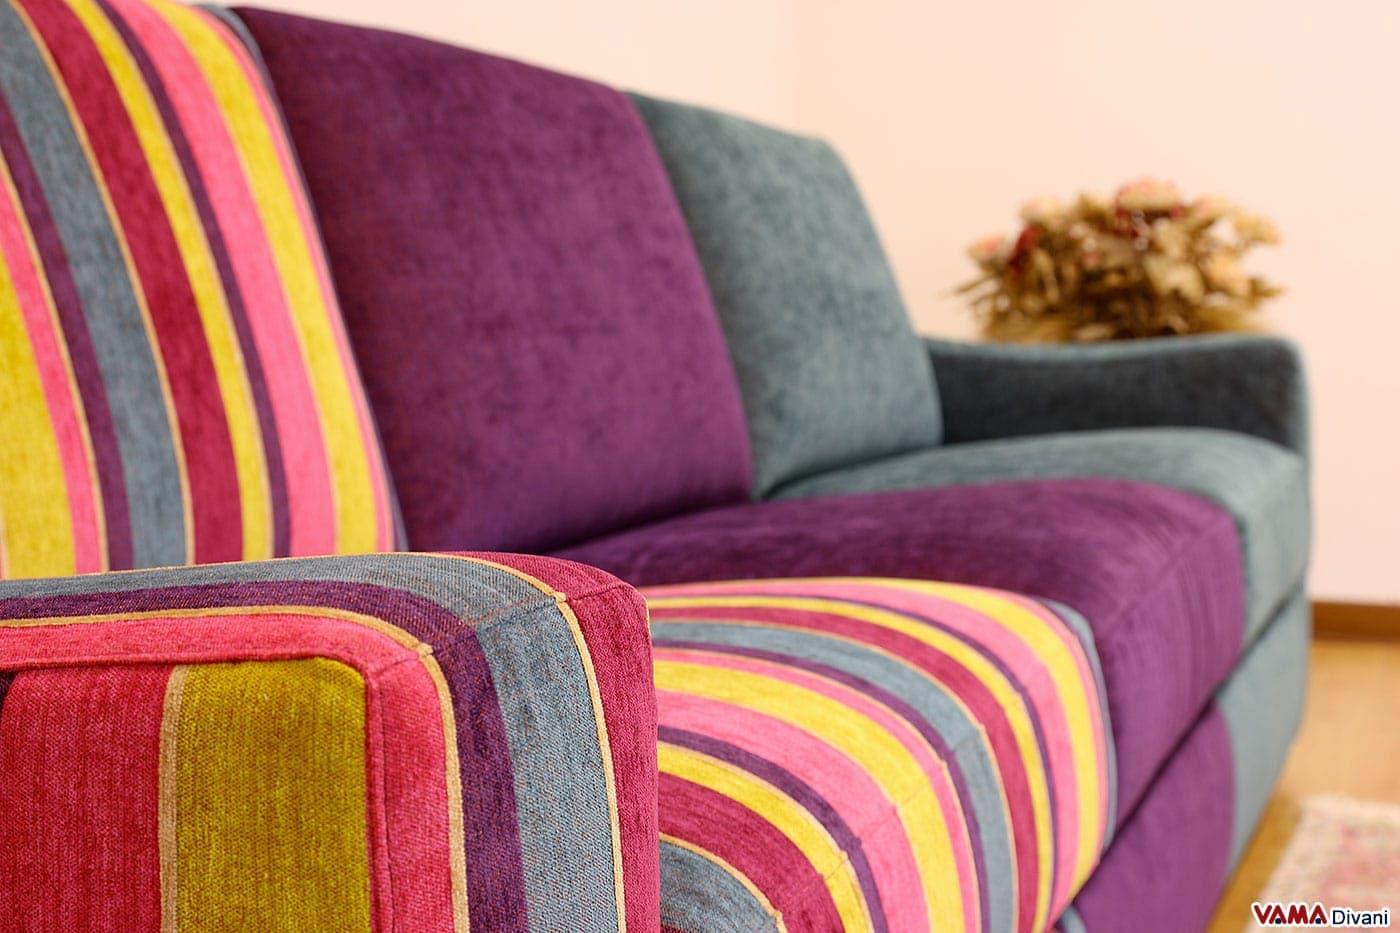 Divano multicolore moderno in tessuto vama divani for Divano colorato